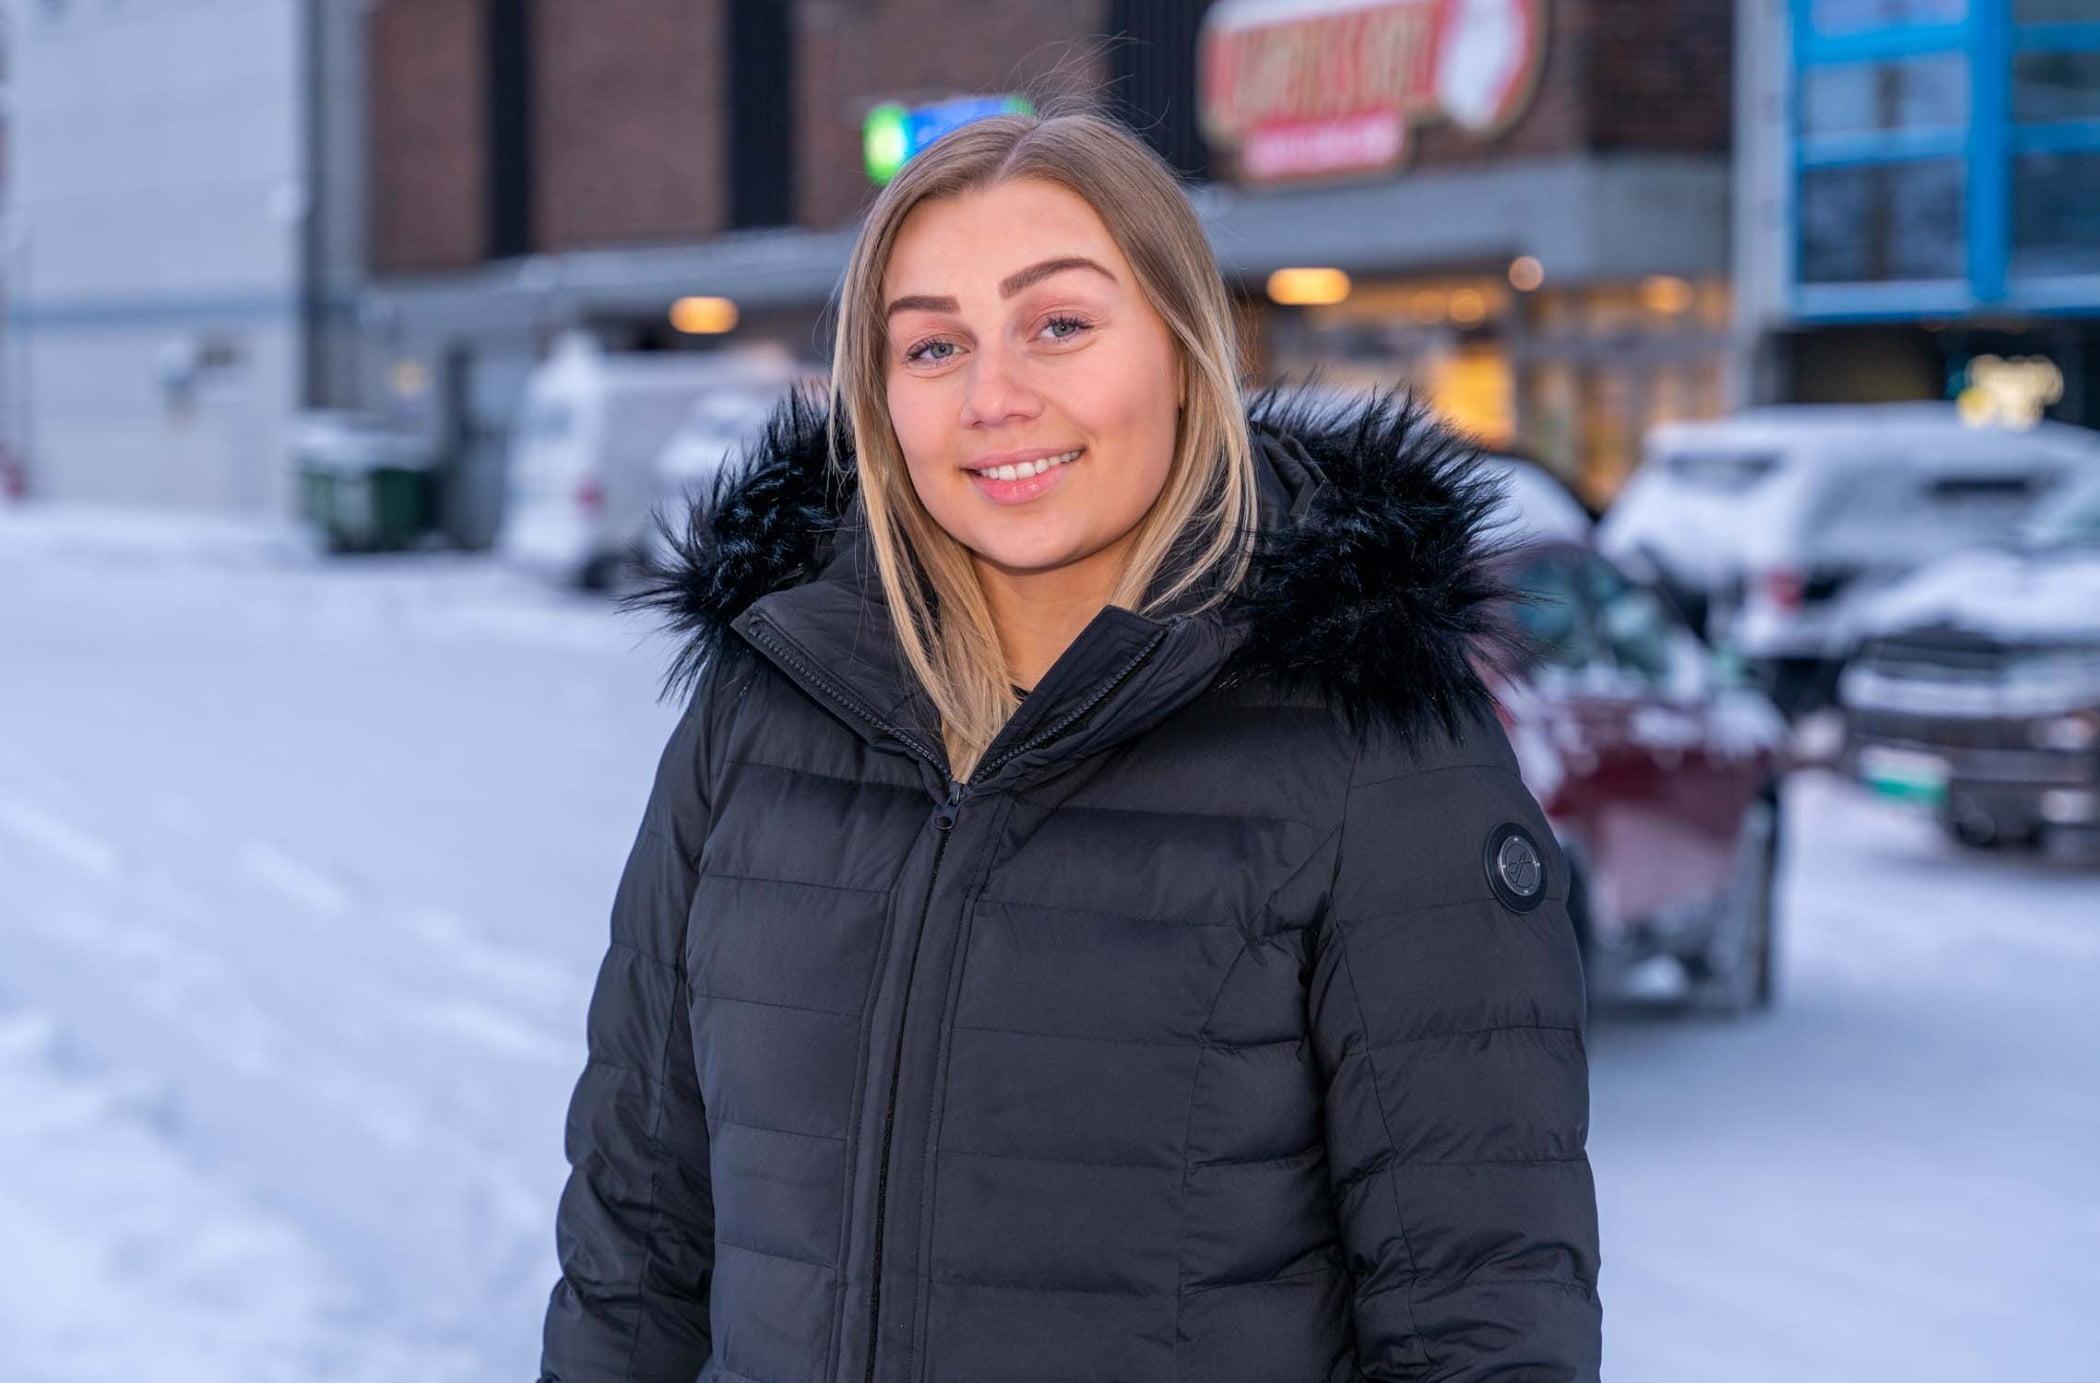 Street fashion, Flash photography, Smile, Snow, Sleeve, Tire, Wheel, Freezing, Jacket